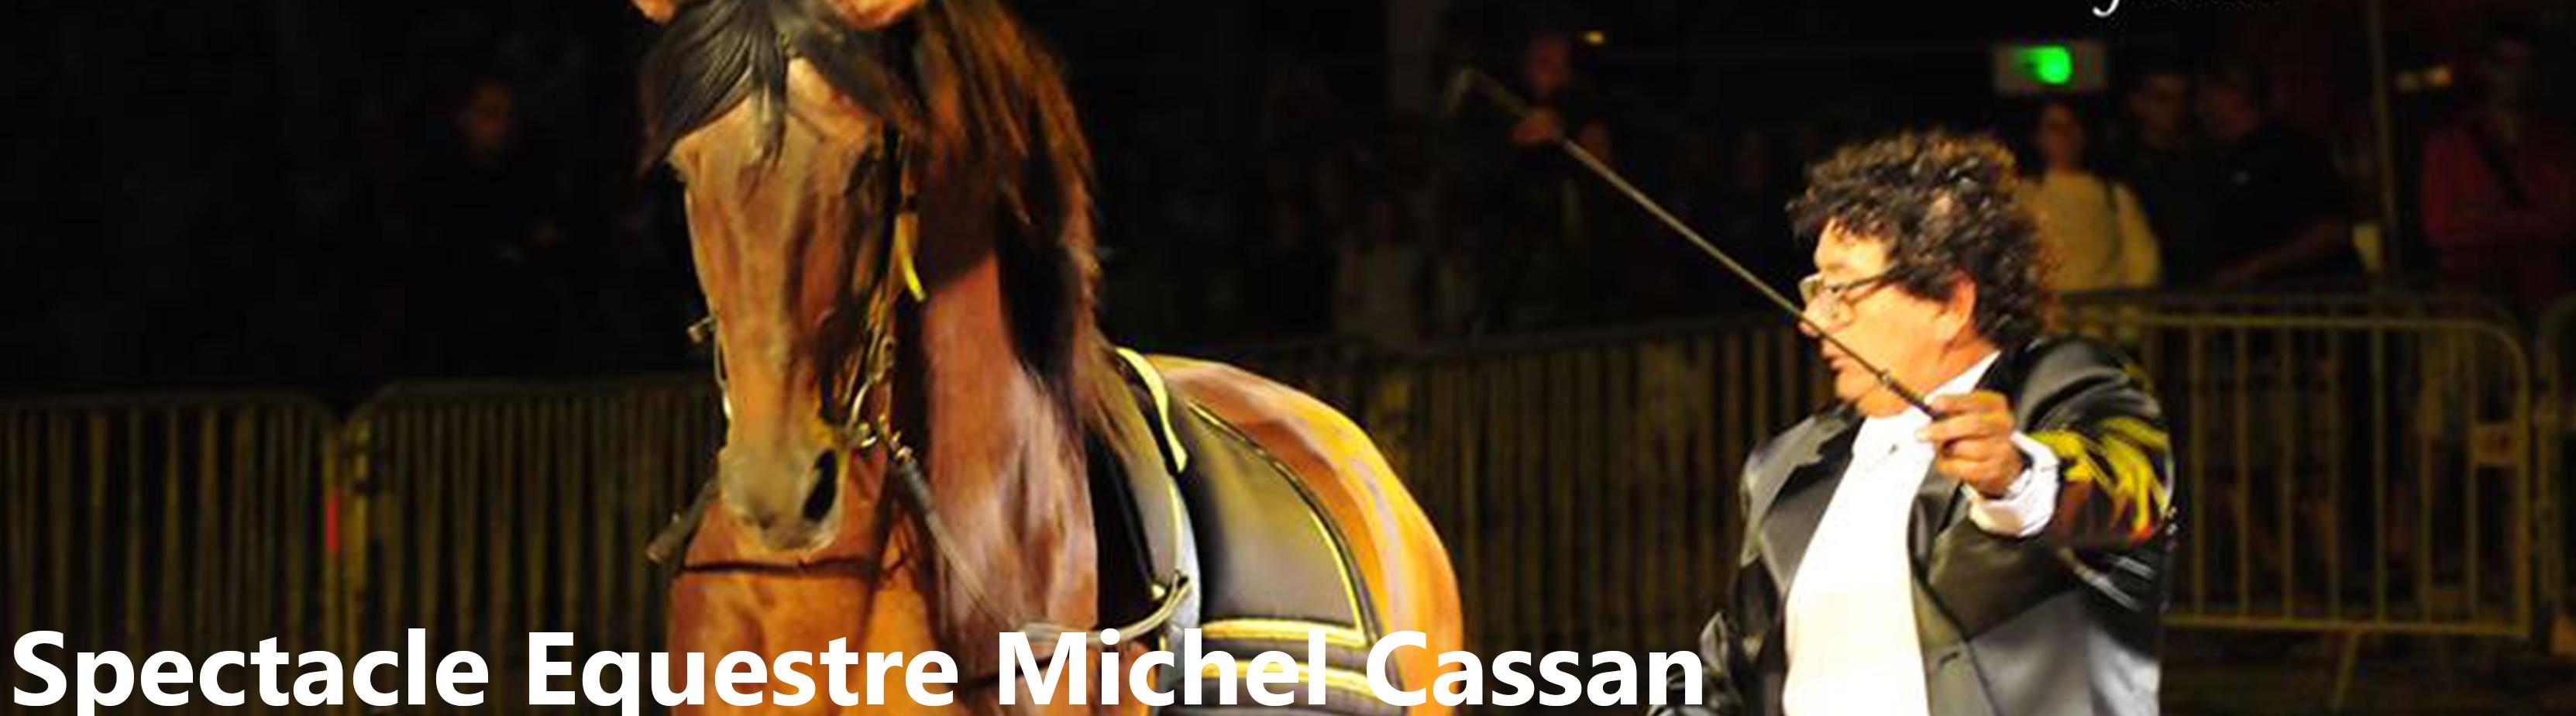 Spectacle Equestre Michel Cassan